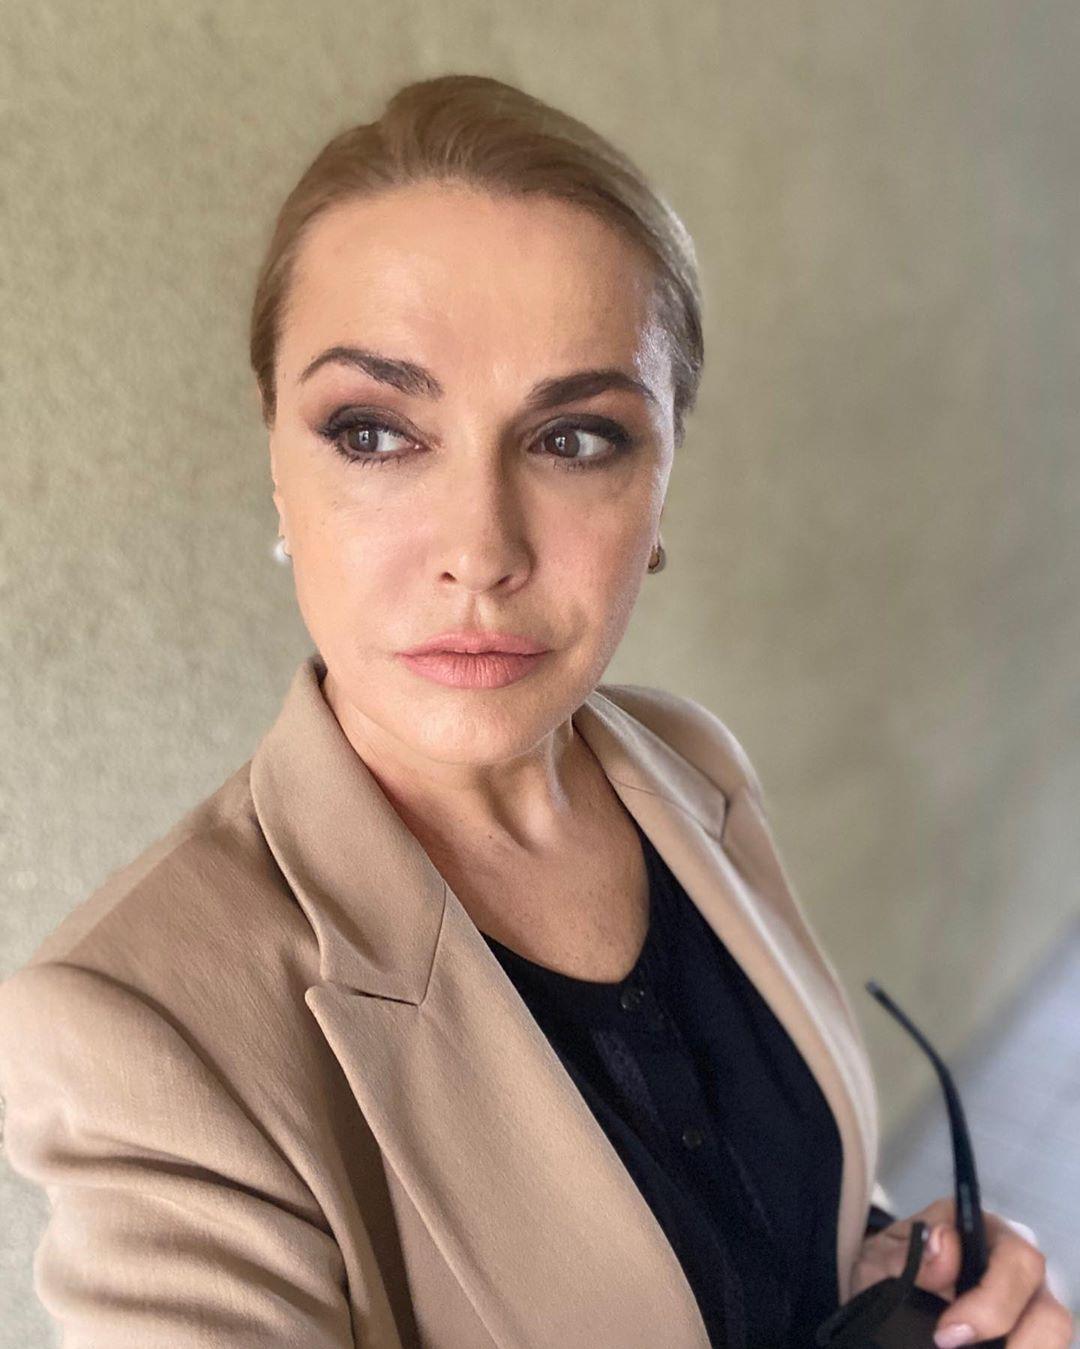 Ольга показала фото / instagram.com/olgasumska